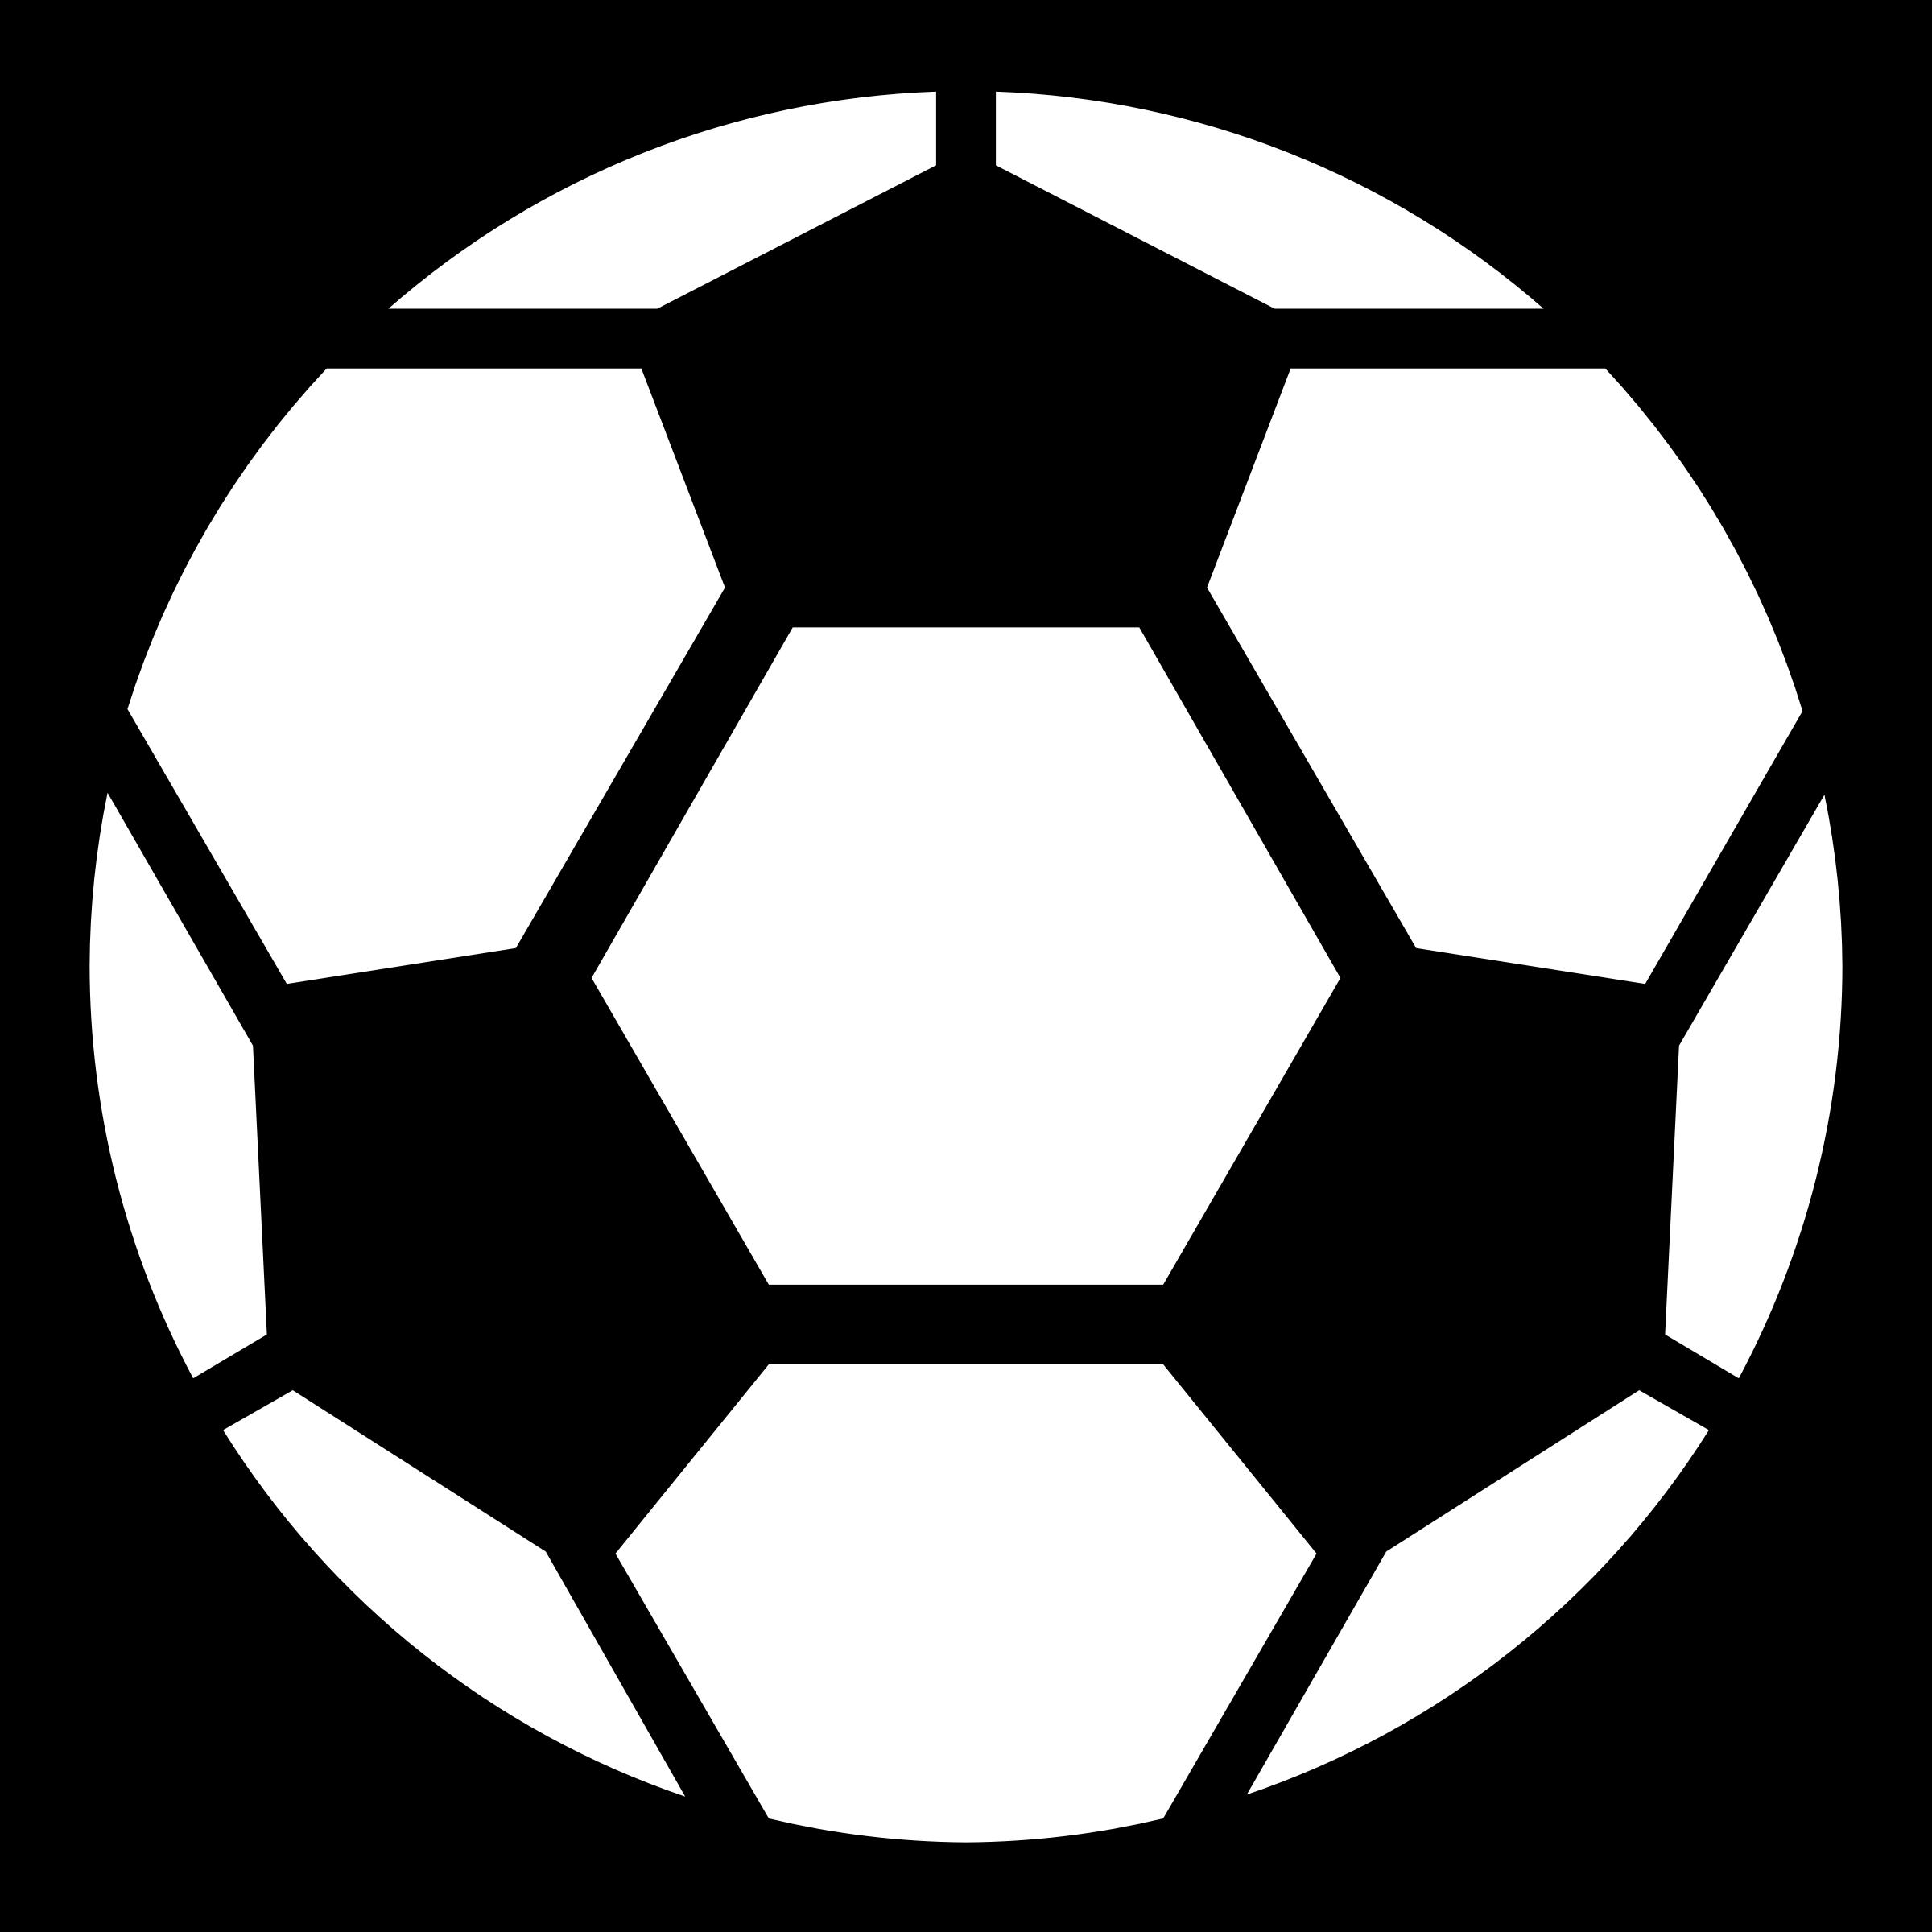 2400x2400 Soccer ball clip art 5